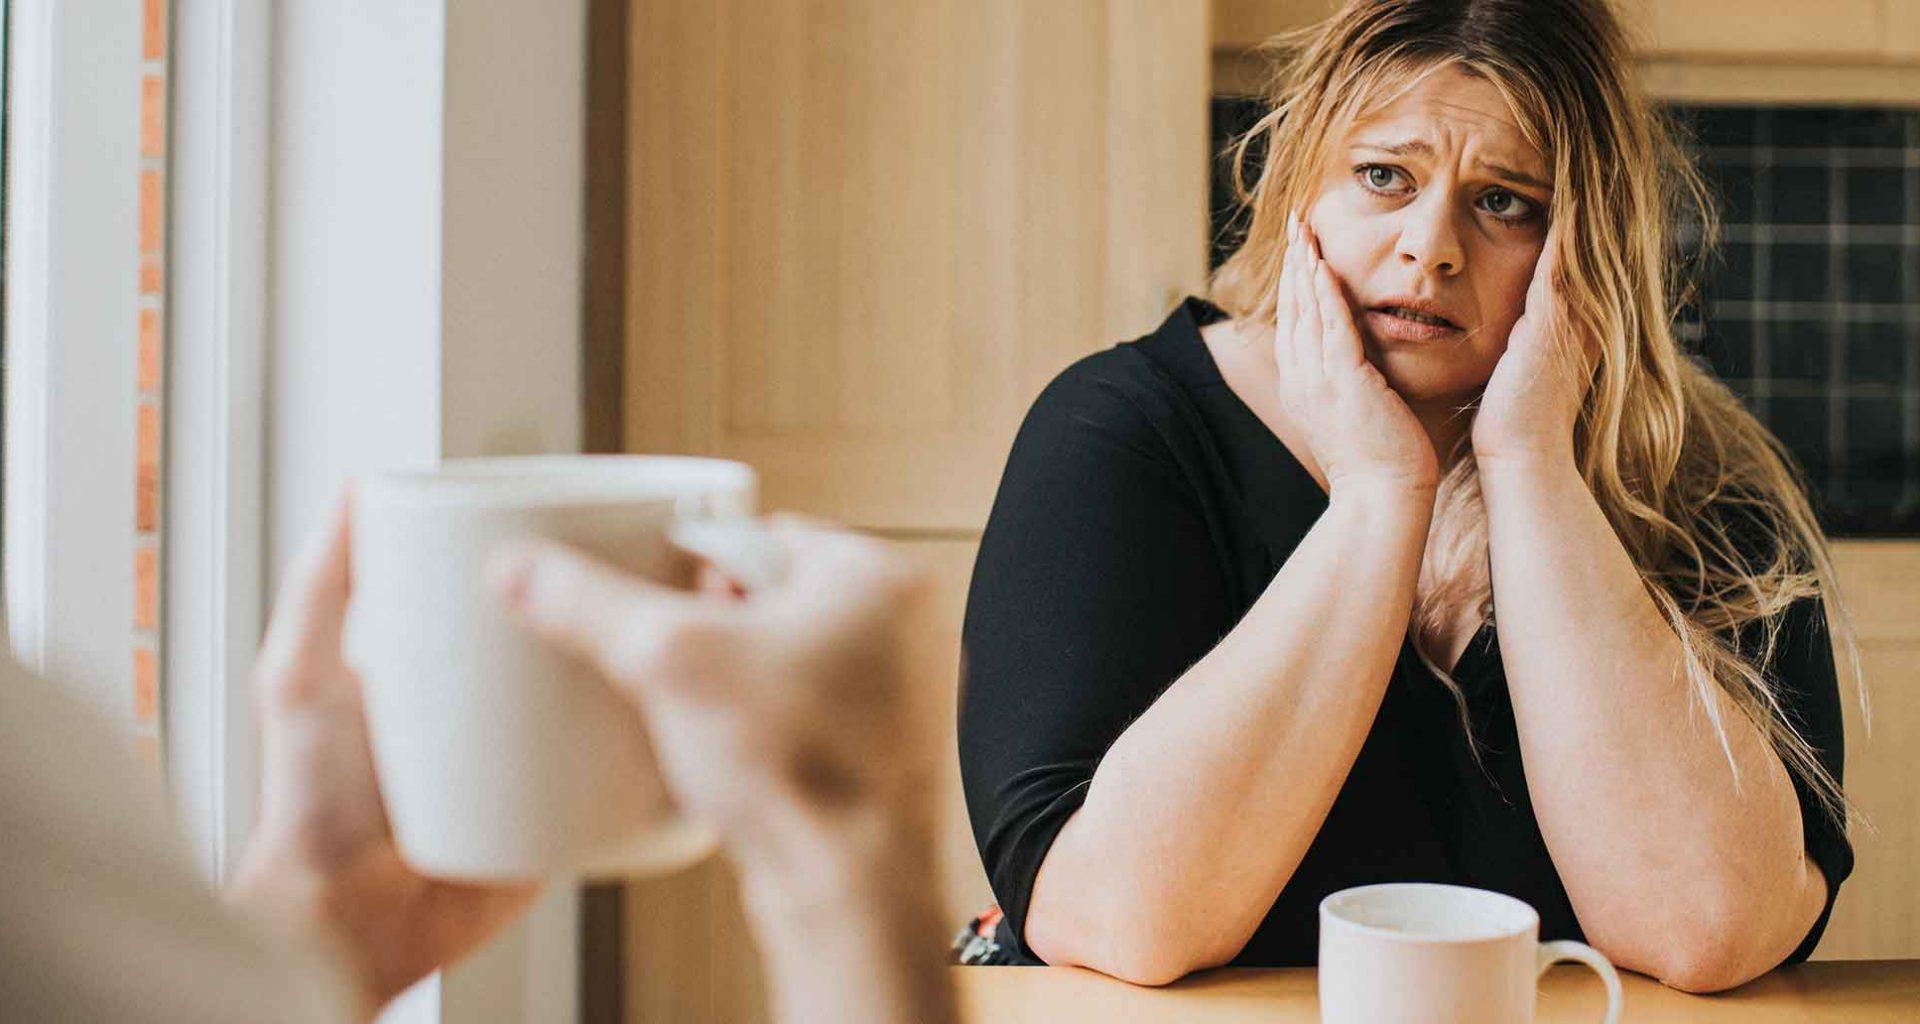 Depressionen: Wenn der Partner nicht zum Arzt gehen möchte